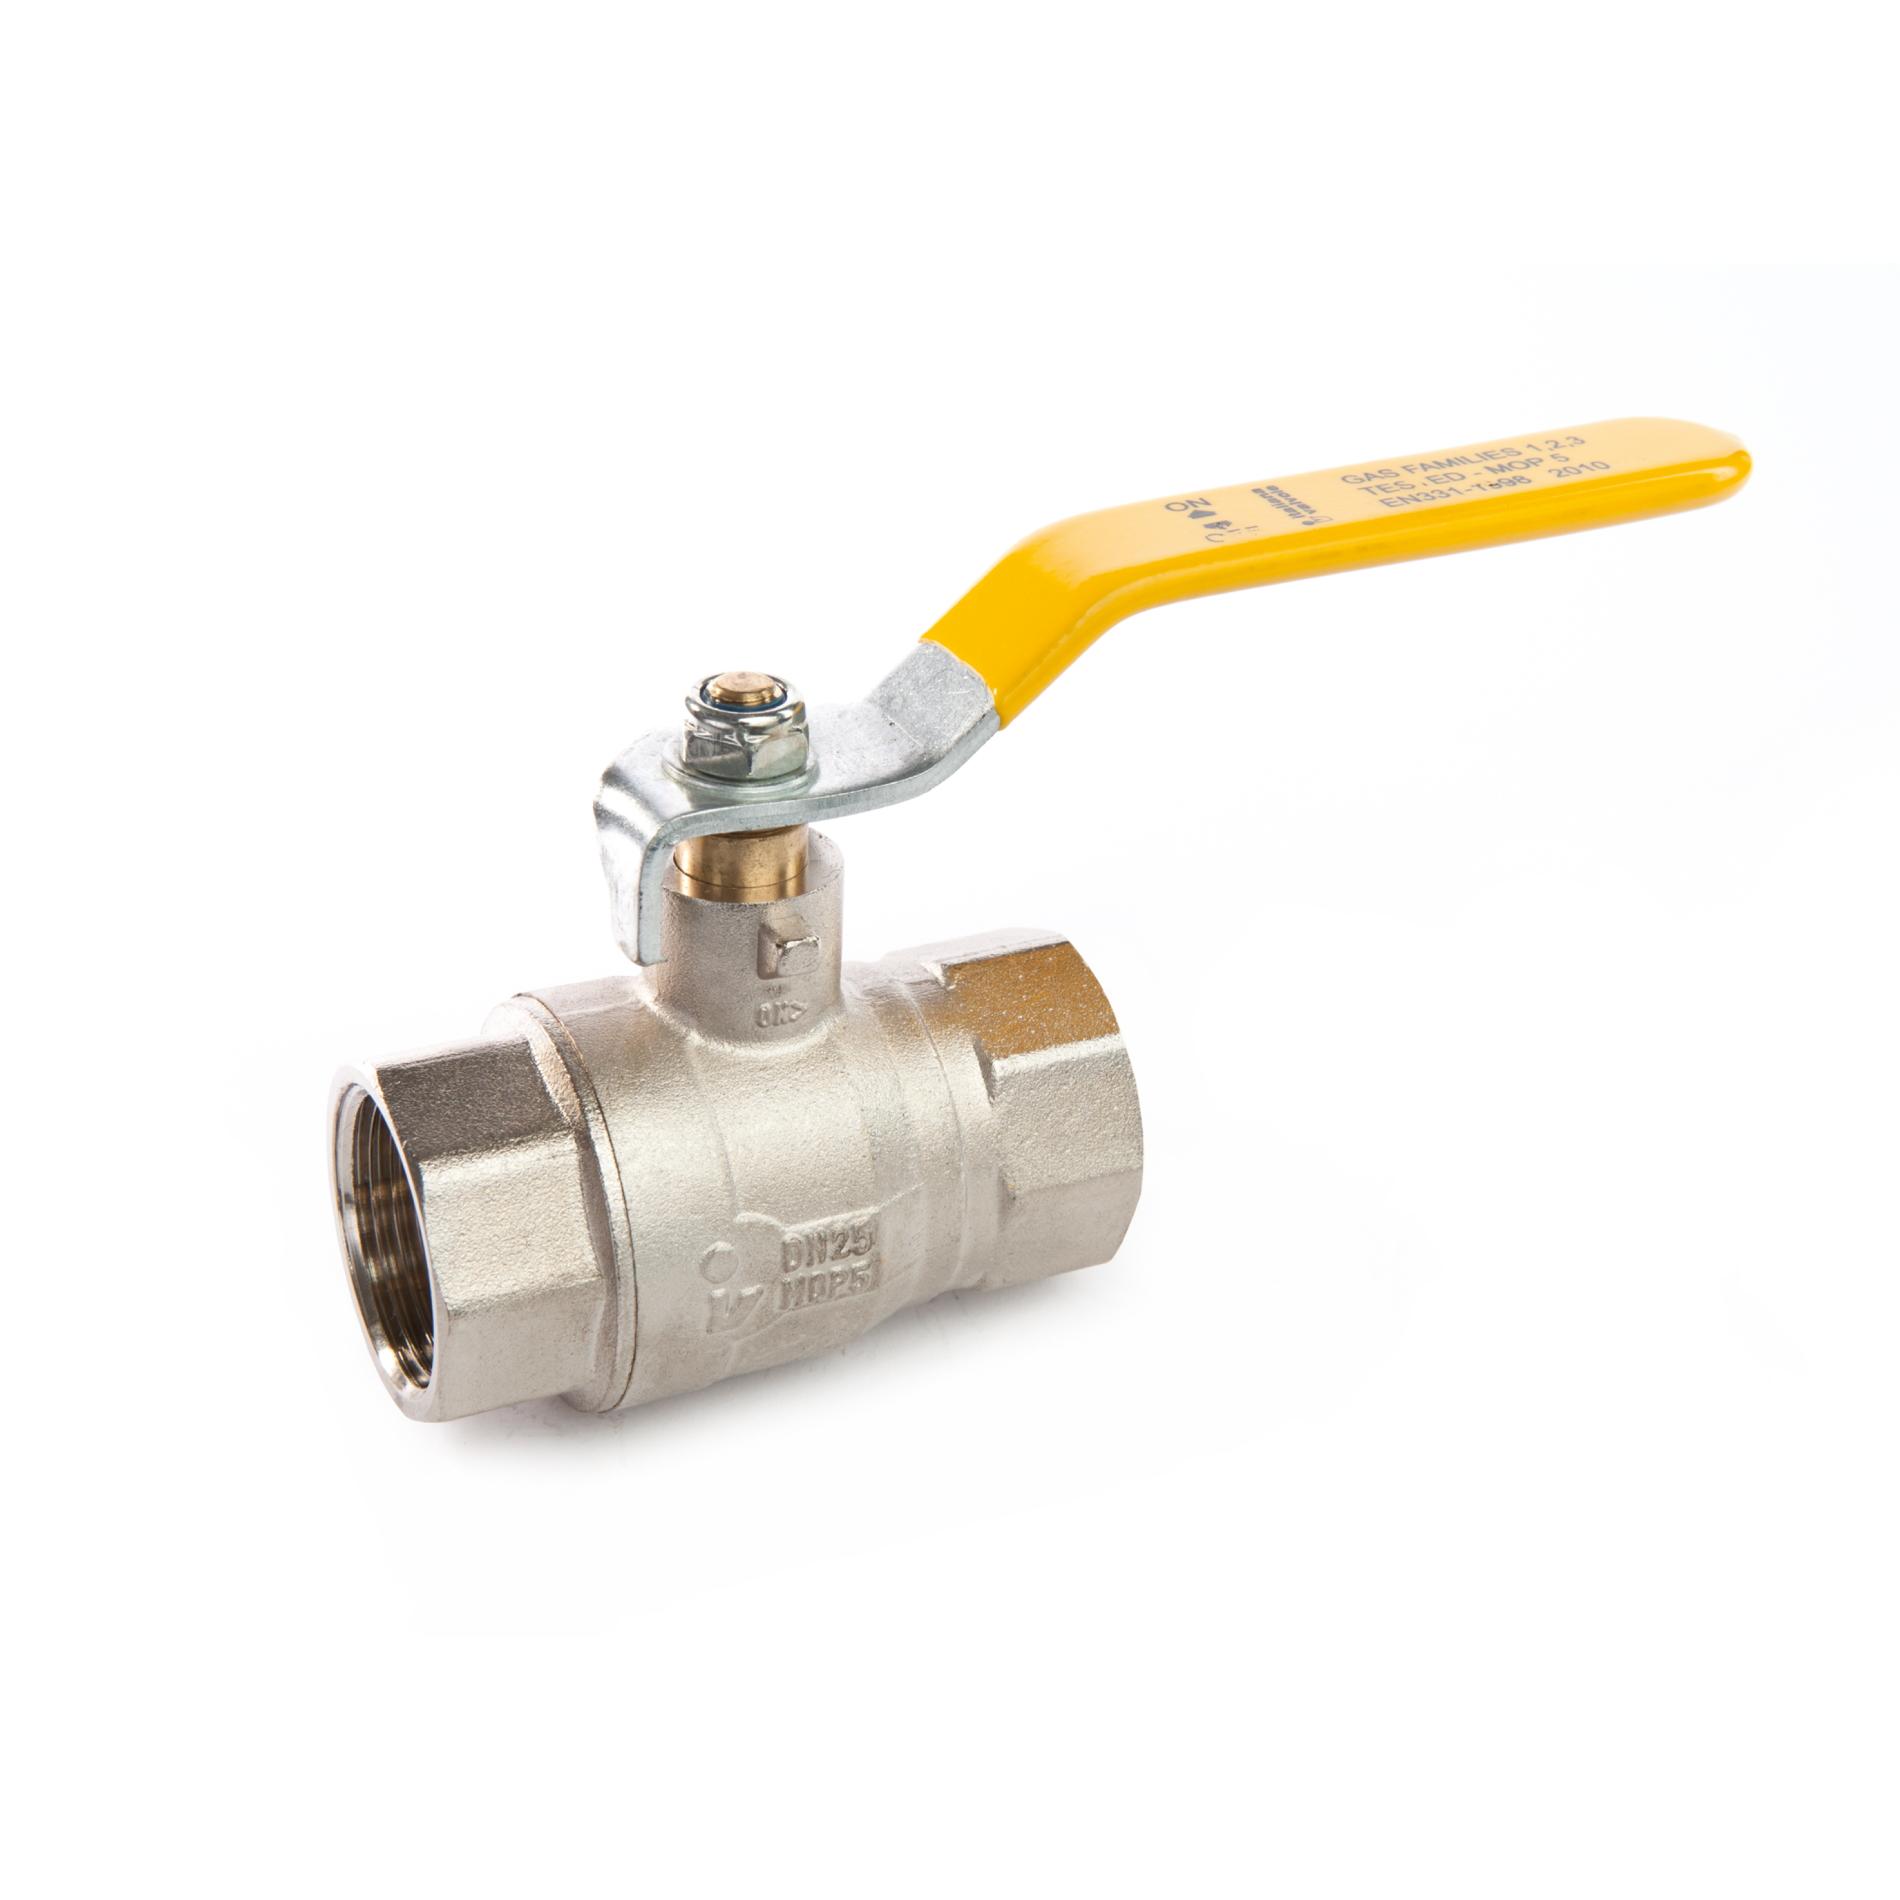 187 Valvola a sfera a passaggio totale per gas metano FxF con leva Full bore brass ball valve for gas FxF with lever